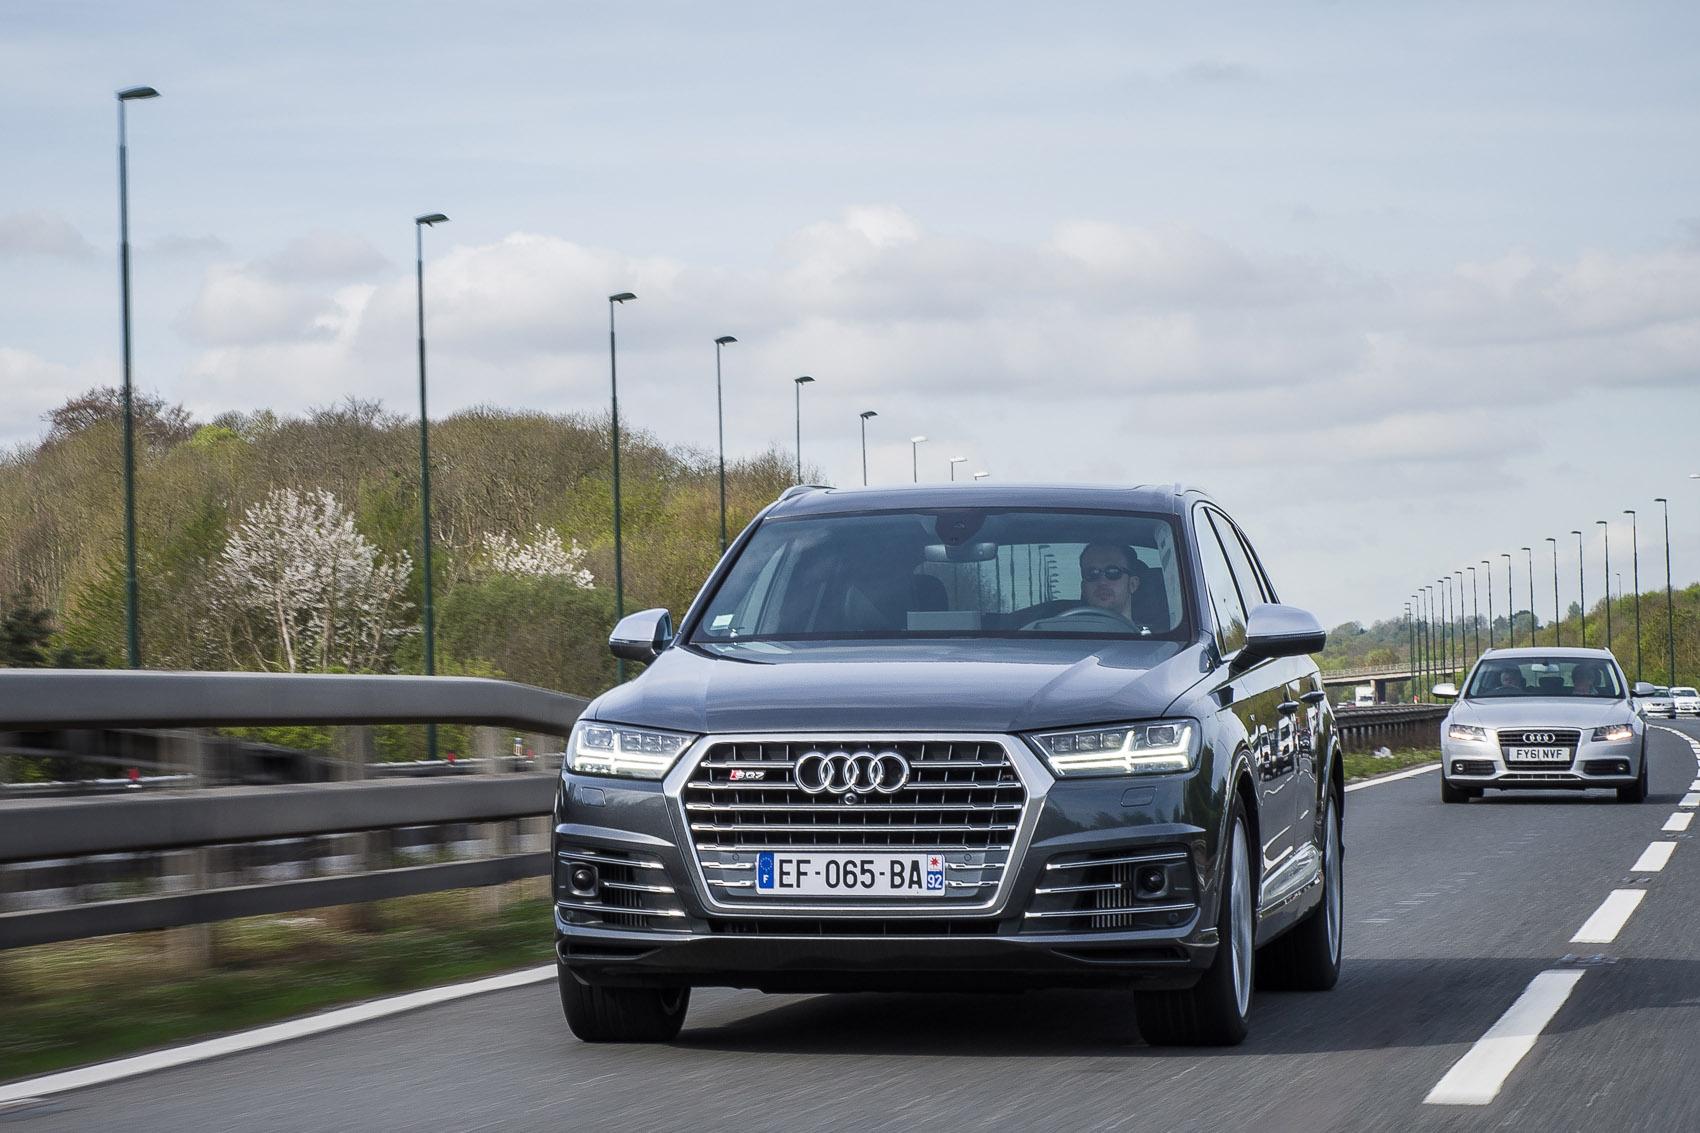 Une heure pour un essai : Audi SQ7 V8 TDI